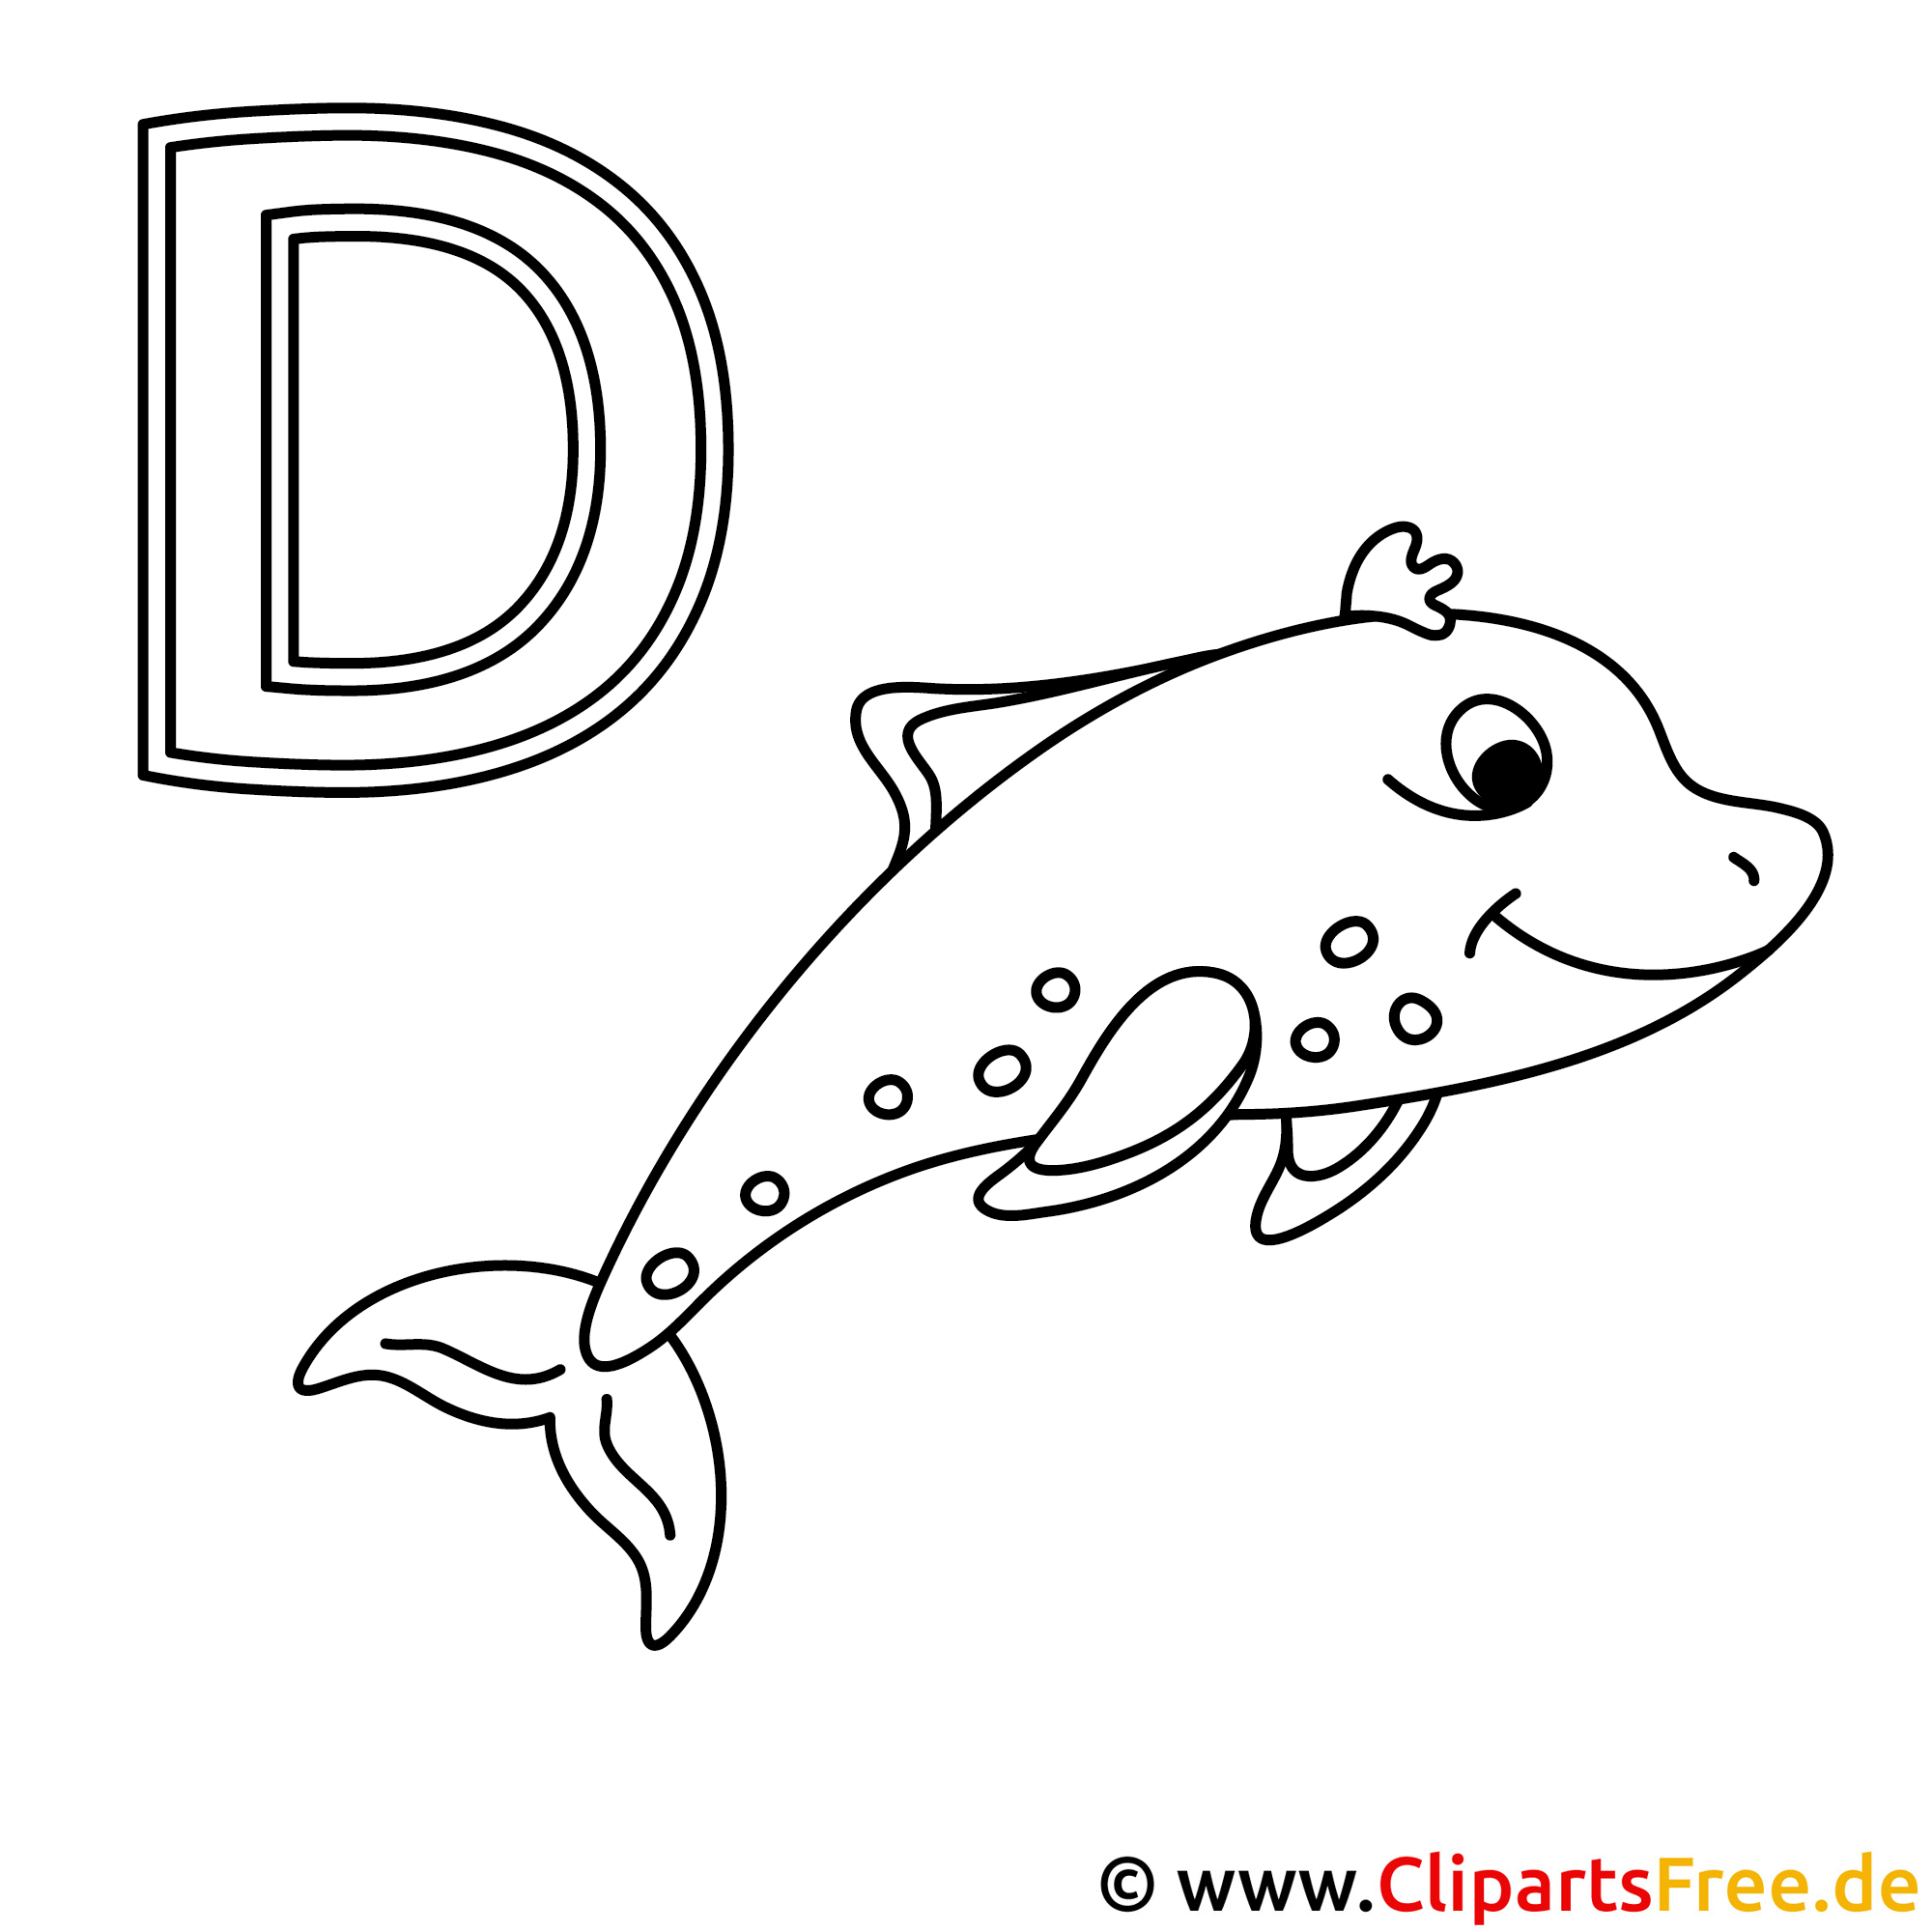 delfin ausmalbild buchstaben zum ausdrucken. Black Bedroom Furniture Sets. Home Design Ideas